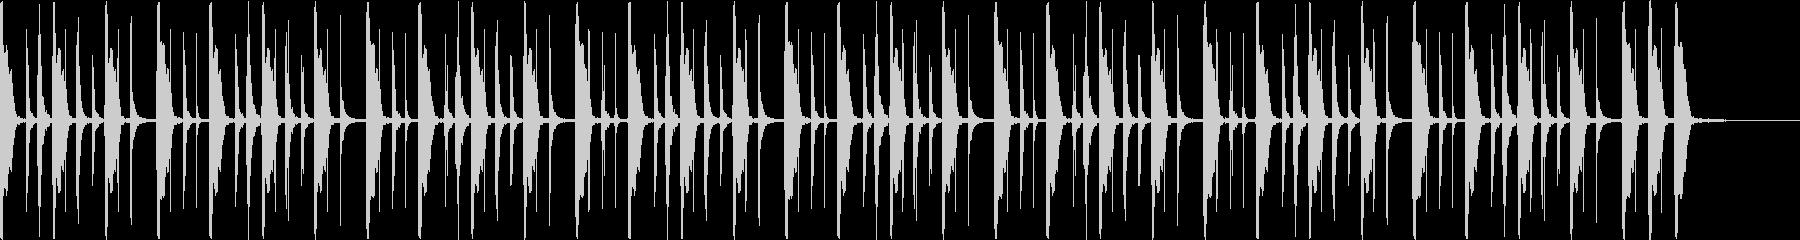 クラップをベースにしたイントロダクションの未再生の波形